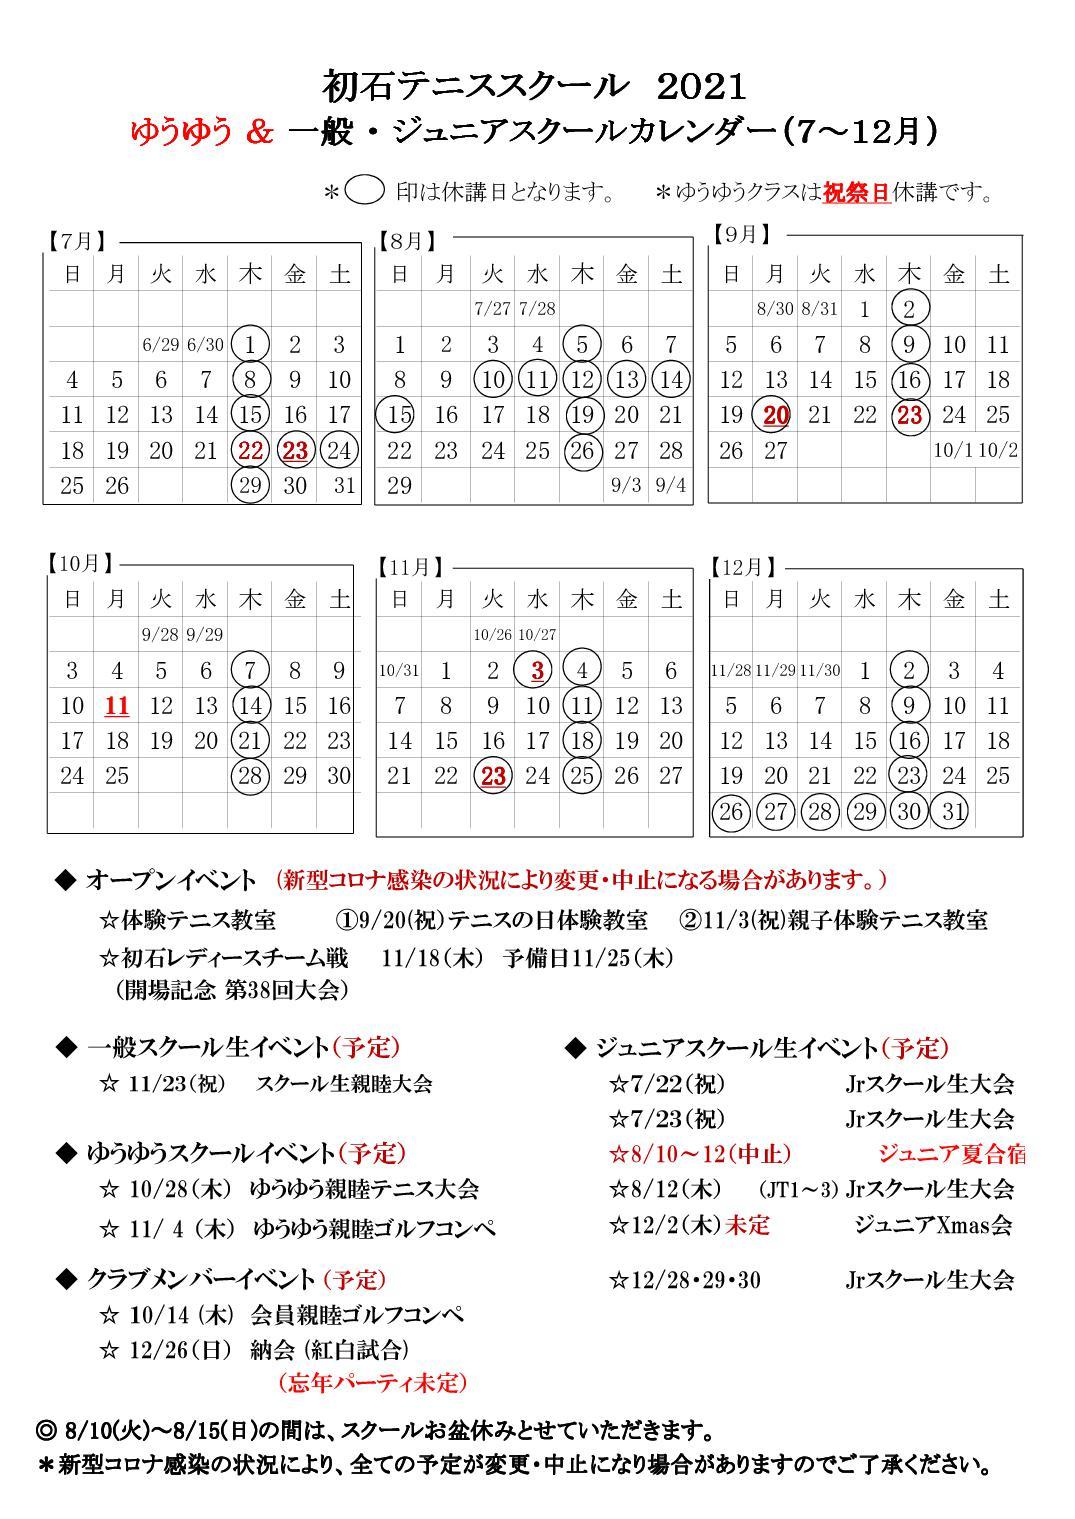 初石カレンダー2021後期